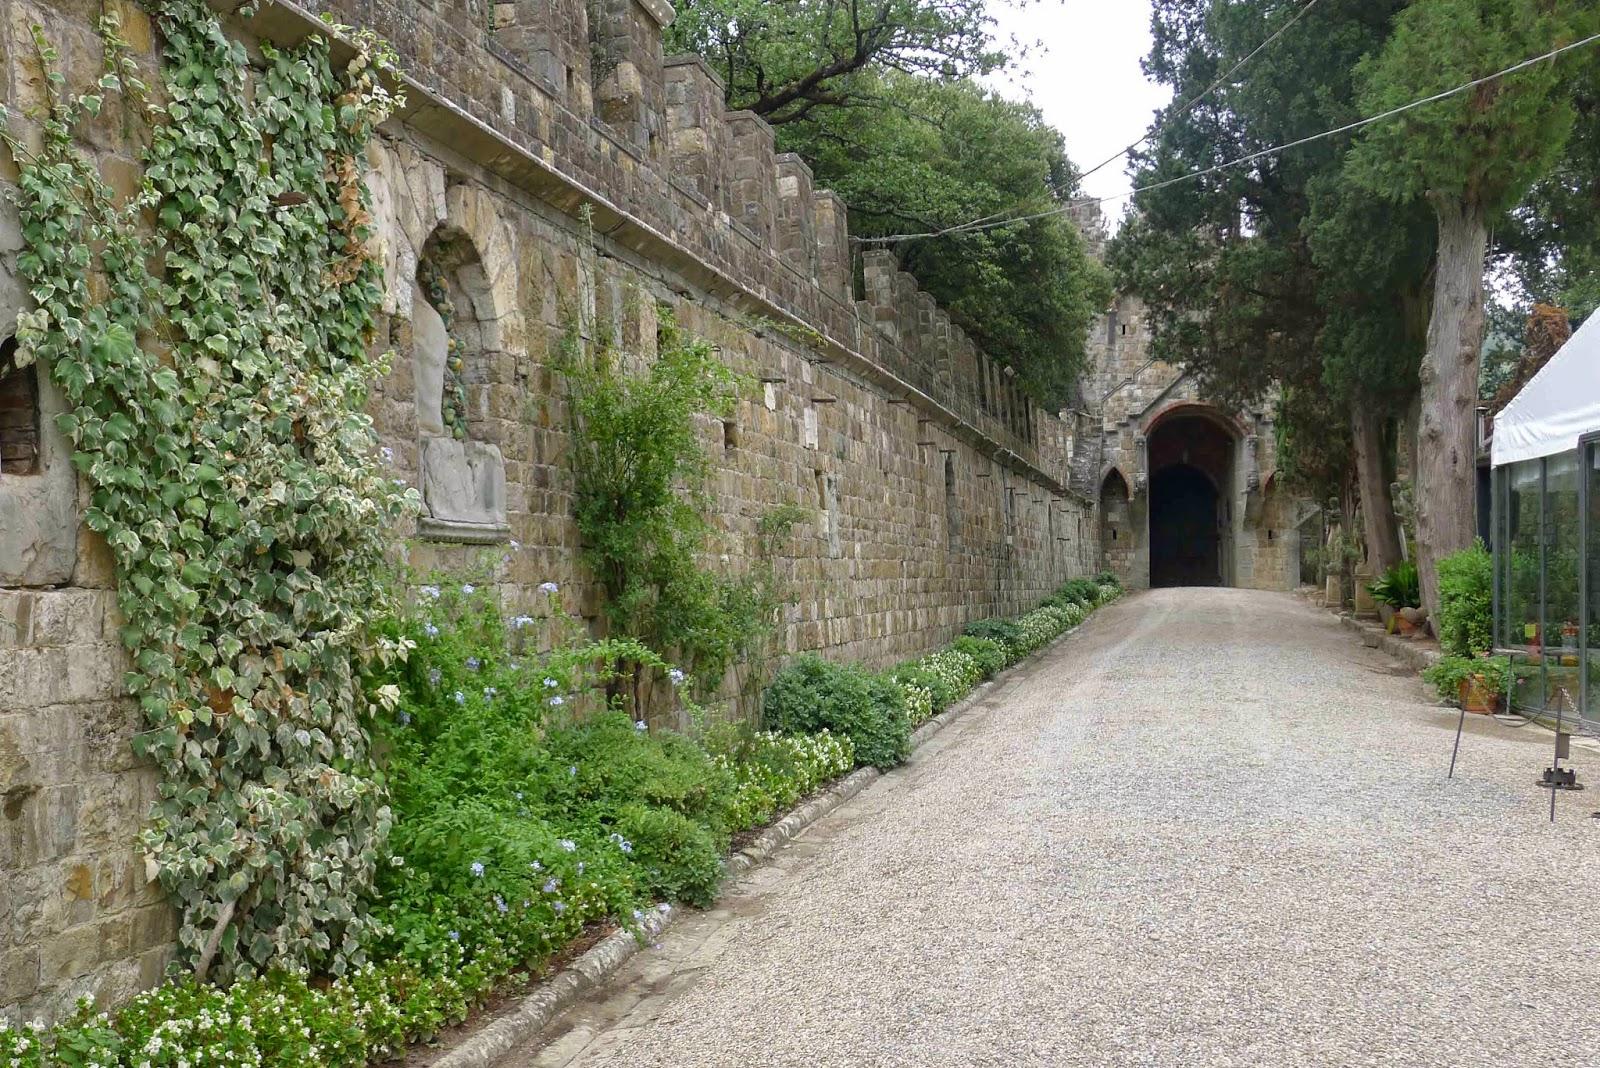 Castello di Vincigliata - Walls